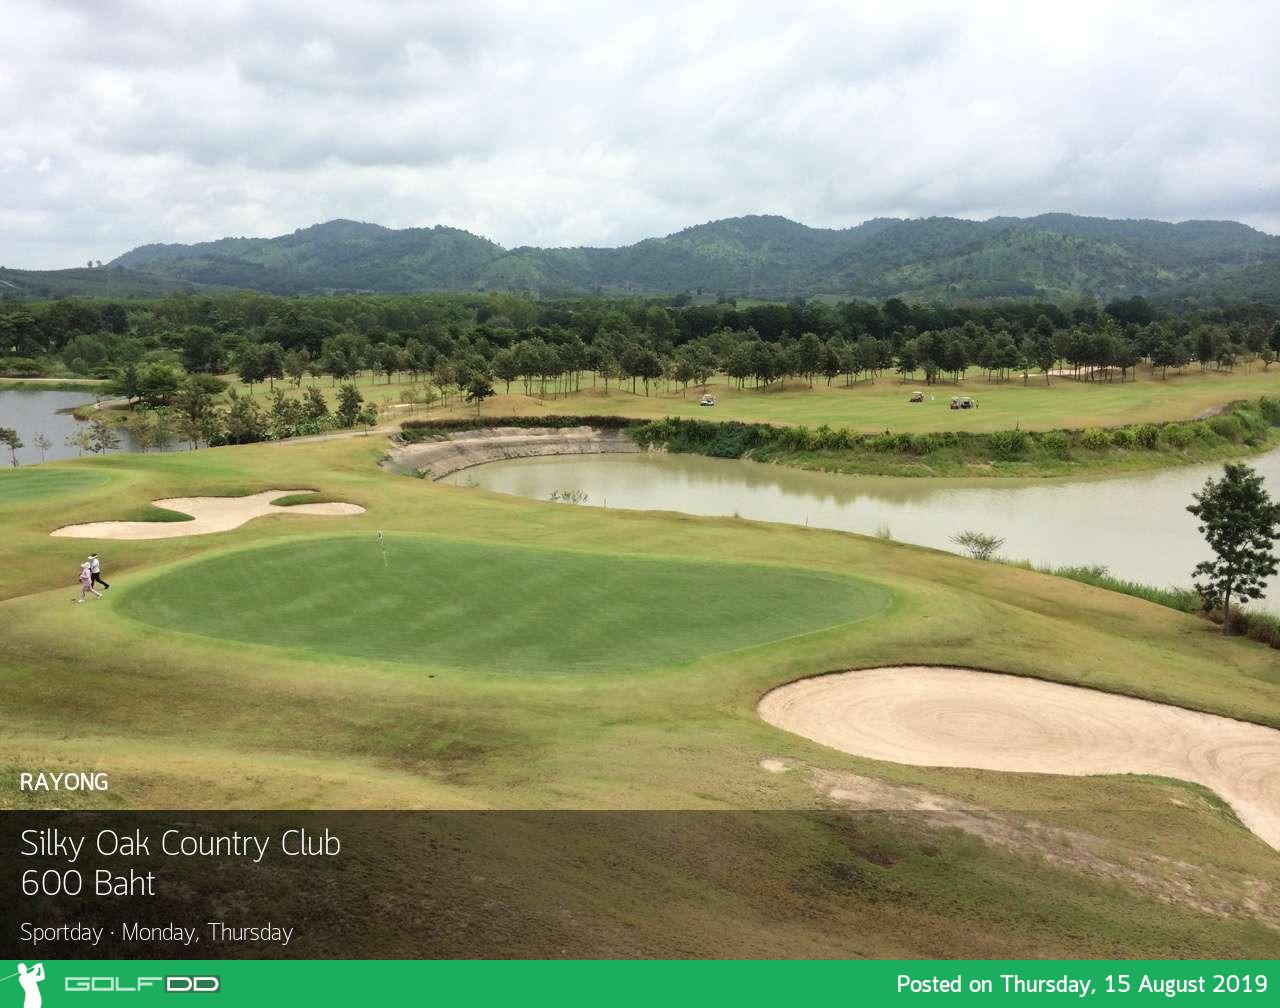 โปรดี ยกนิ้วให้ ลดแรงซะใจ 74% รีบหน่อย ช่วงนี้เท่านั้นที่ Silky Oak Country Club ระยอง พร้อม Booking Teetime กับ golfdd จ่ายเงินที่สนามได้เลย